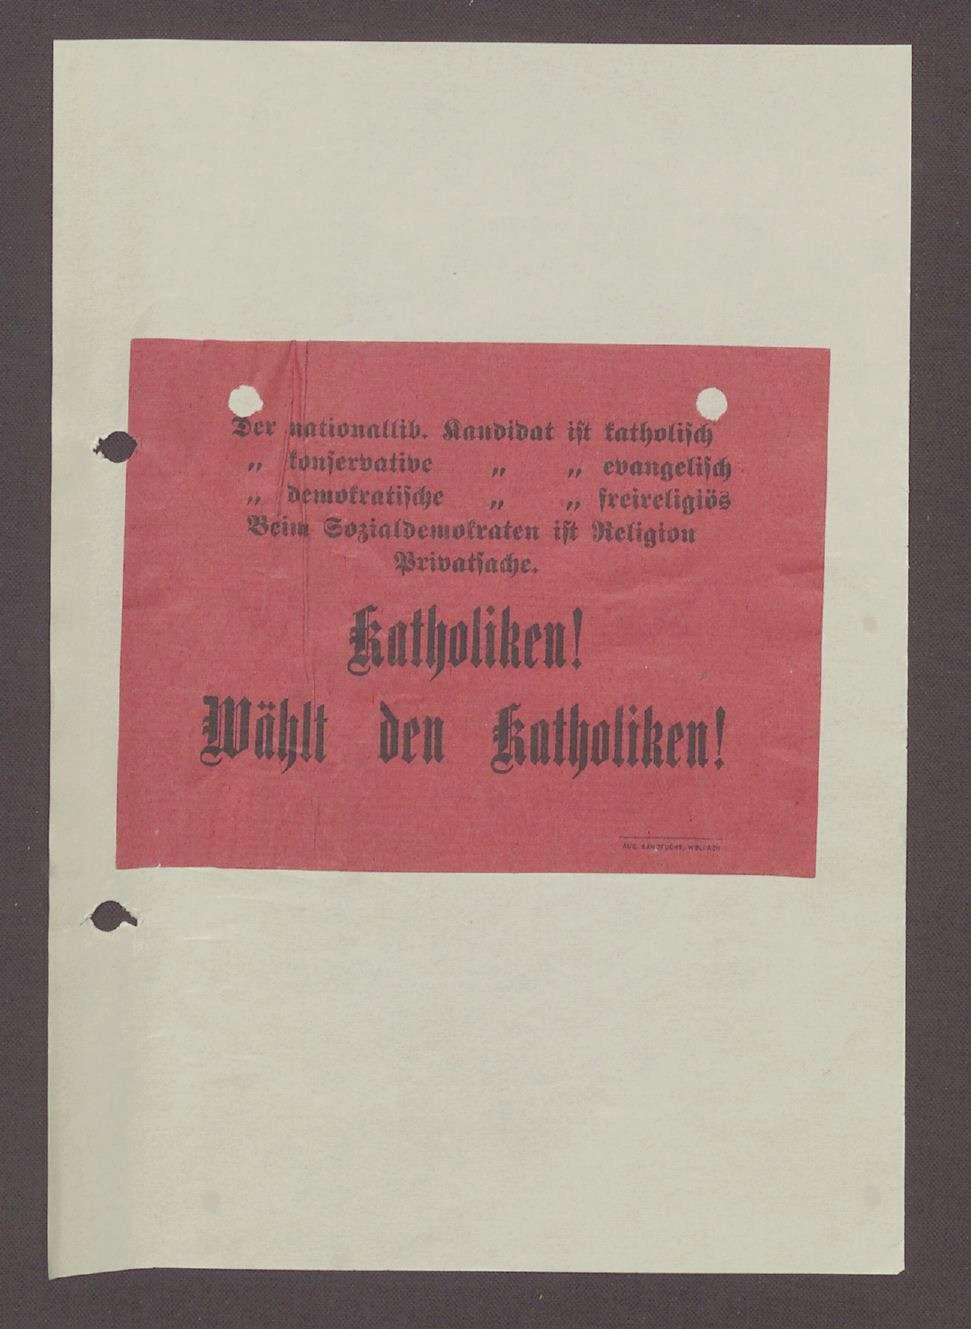 """Flugblatt: """"Katholiken! Wählt den Katholiken"""" Wahldrucksache des Zentrums, August Sandfuchs, Wolfach, Bild 1"""